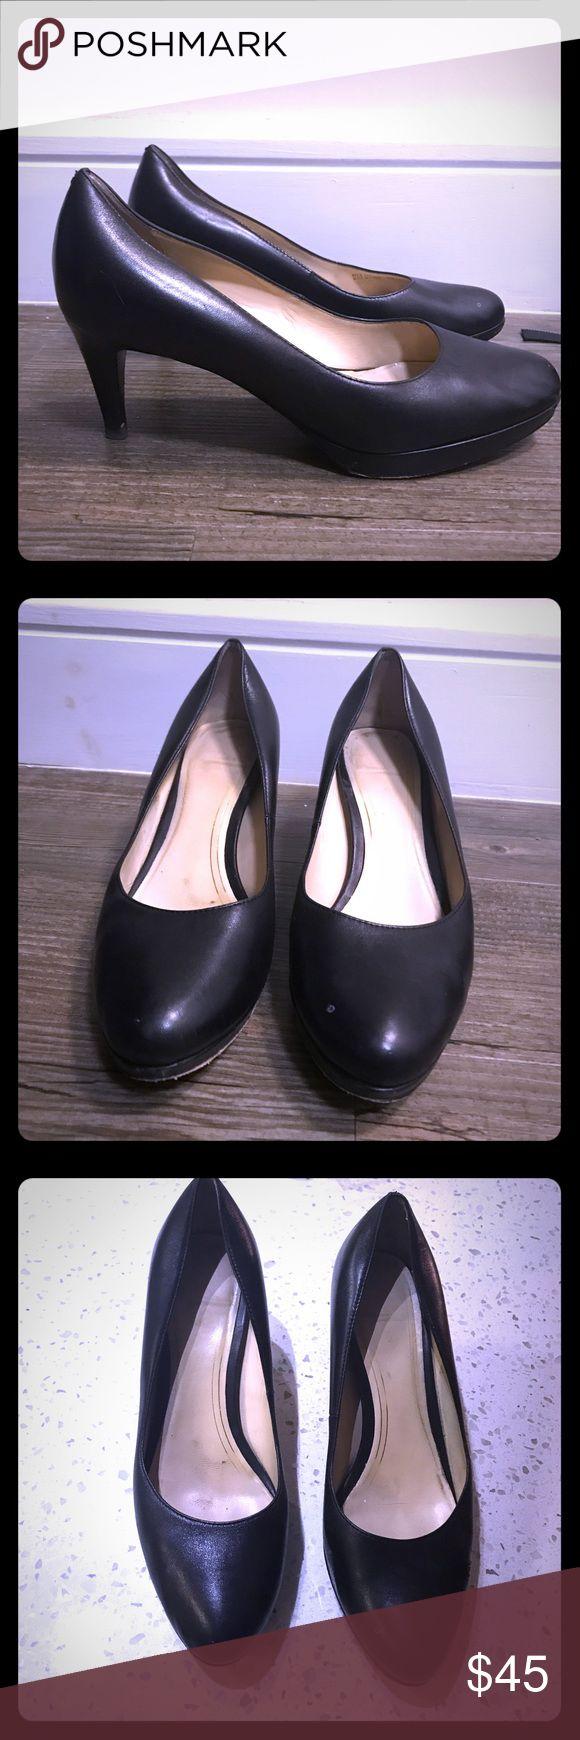 Cole Haan pumps Beautiful work pumps Cole Haan Shoes Heels